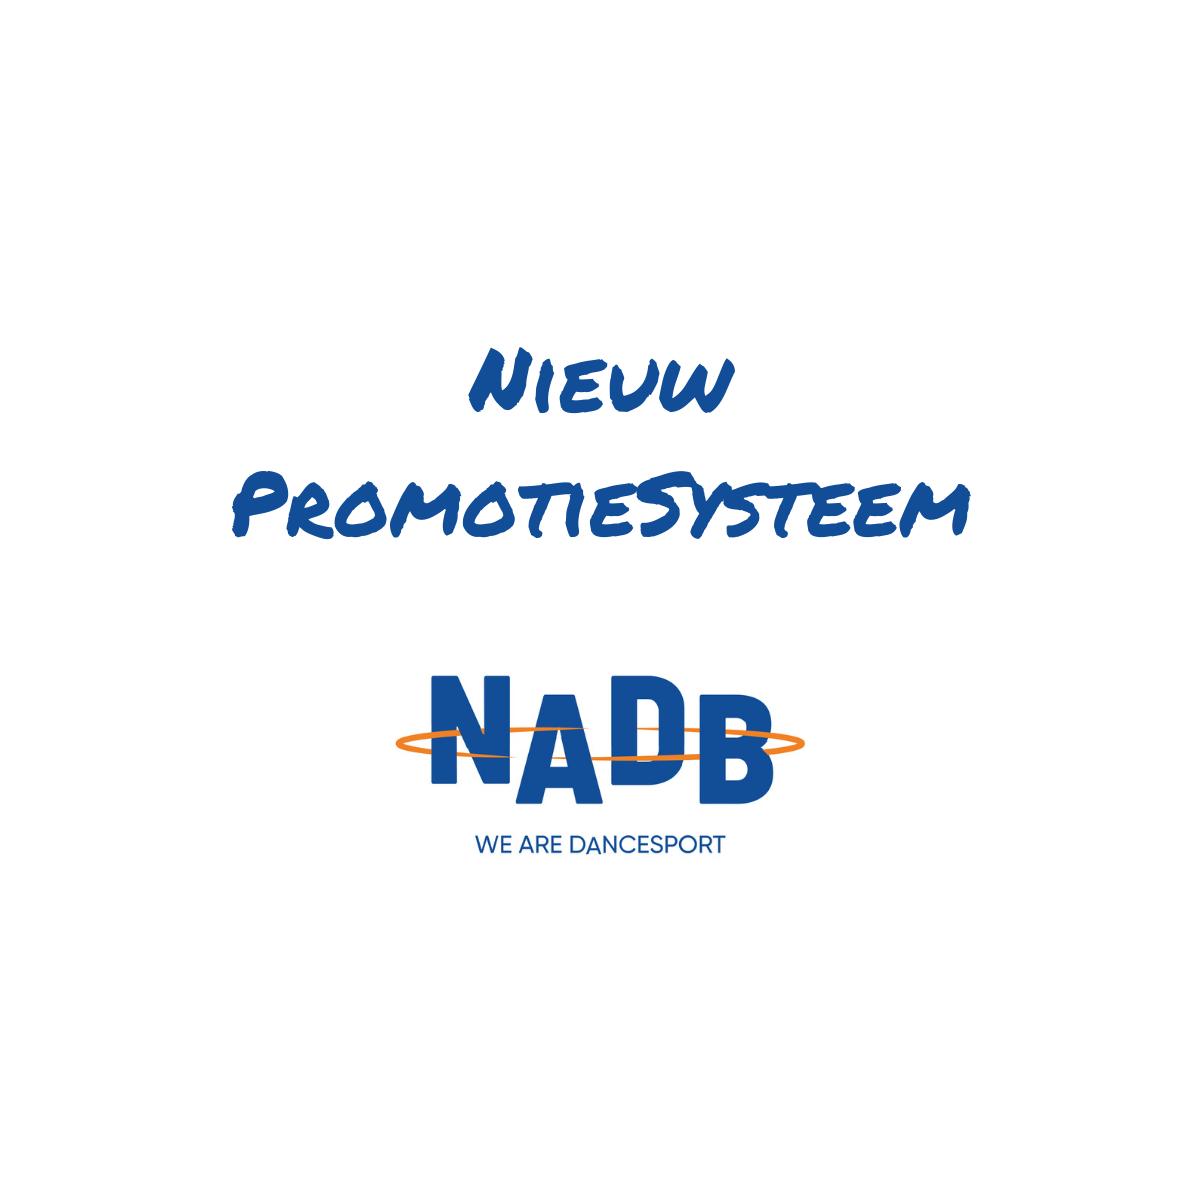 Nieuw promotiesysteem